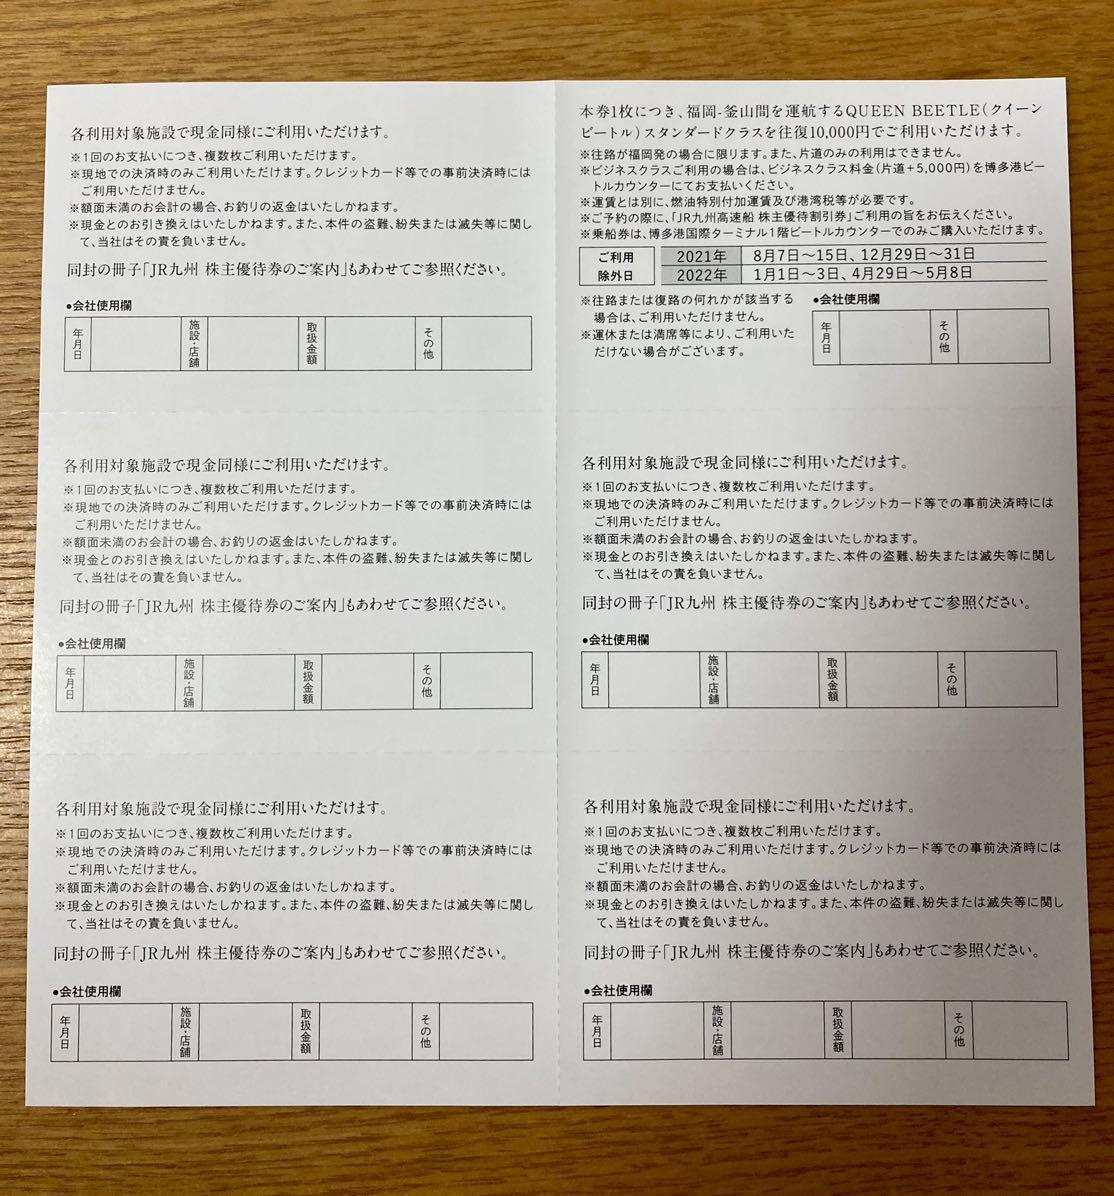 【送料無料】九州旅客鉄道株式会社 JR九州グループ 株主優待券 セット 有効期間:2022年5月31日まで_画像4